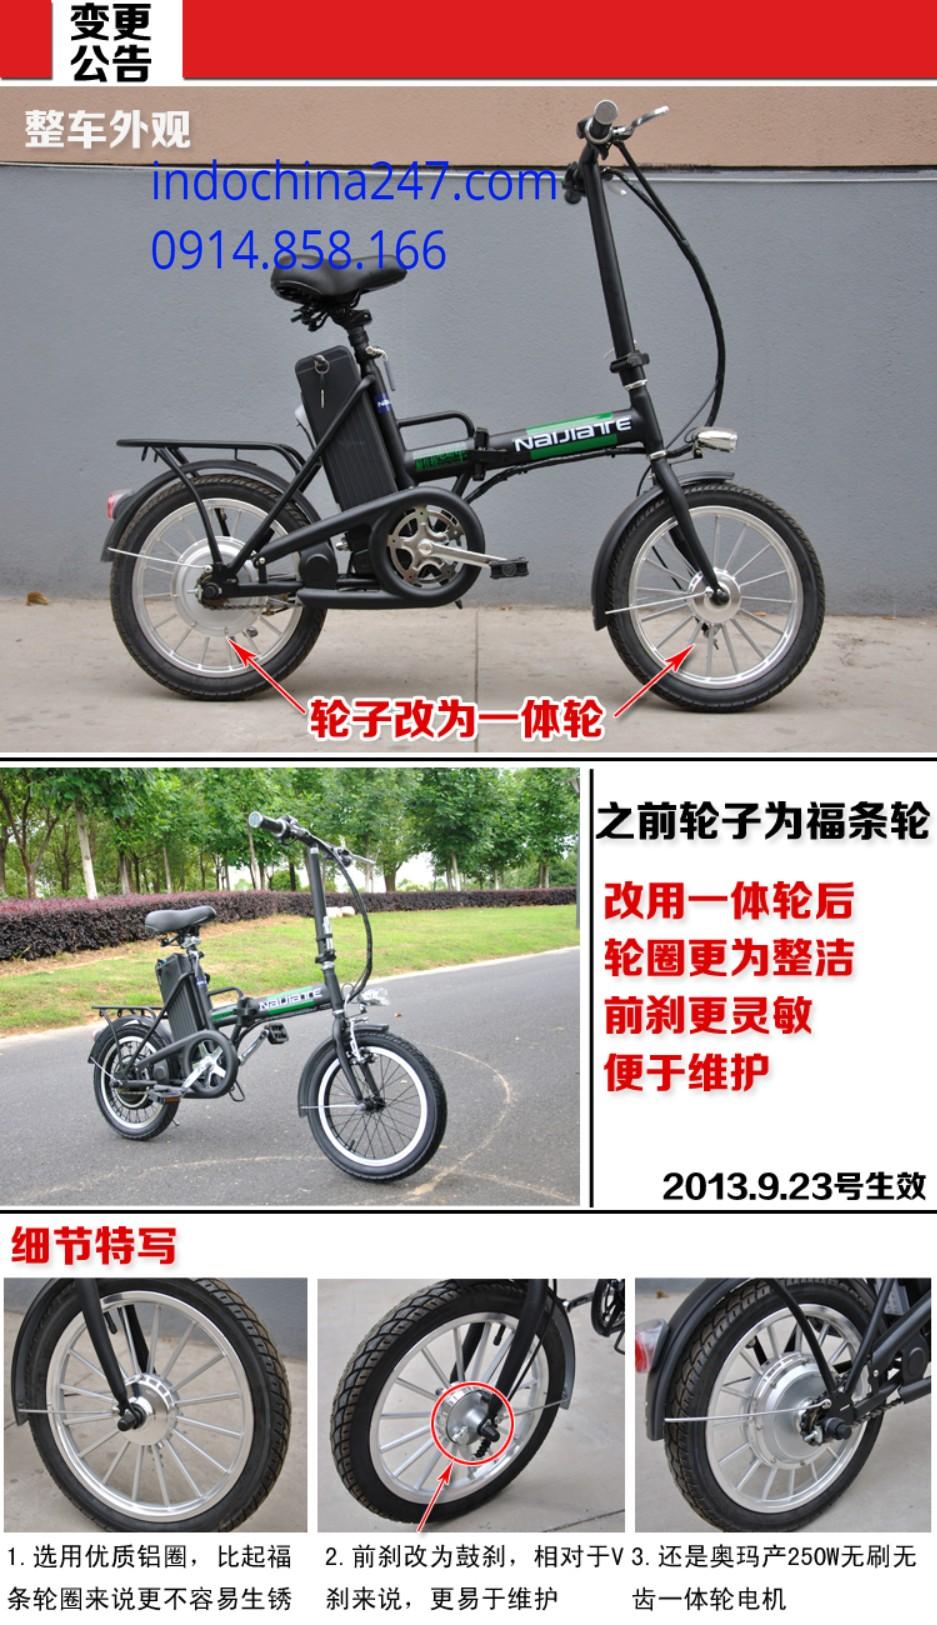 Order xe đạp điện taobao, 1688 và vận chuyển từ Trung Quốc về Việt Nam